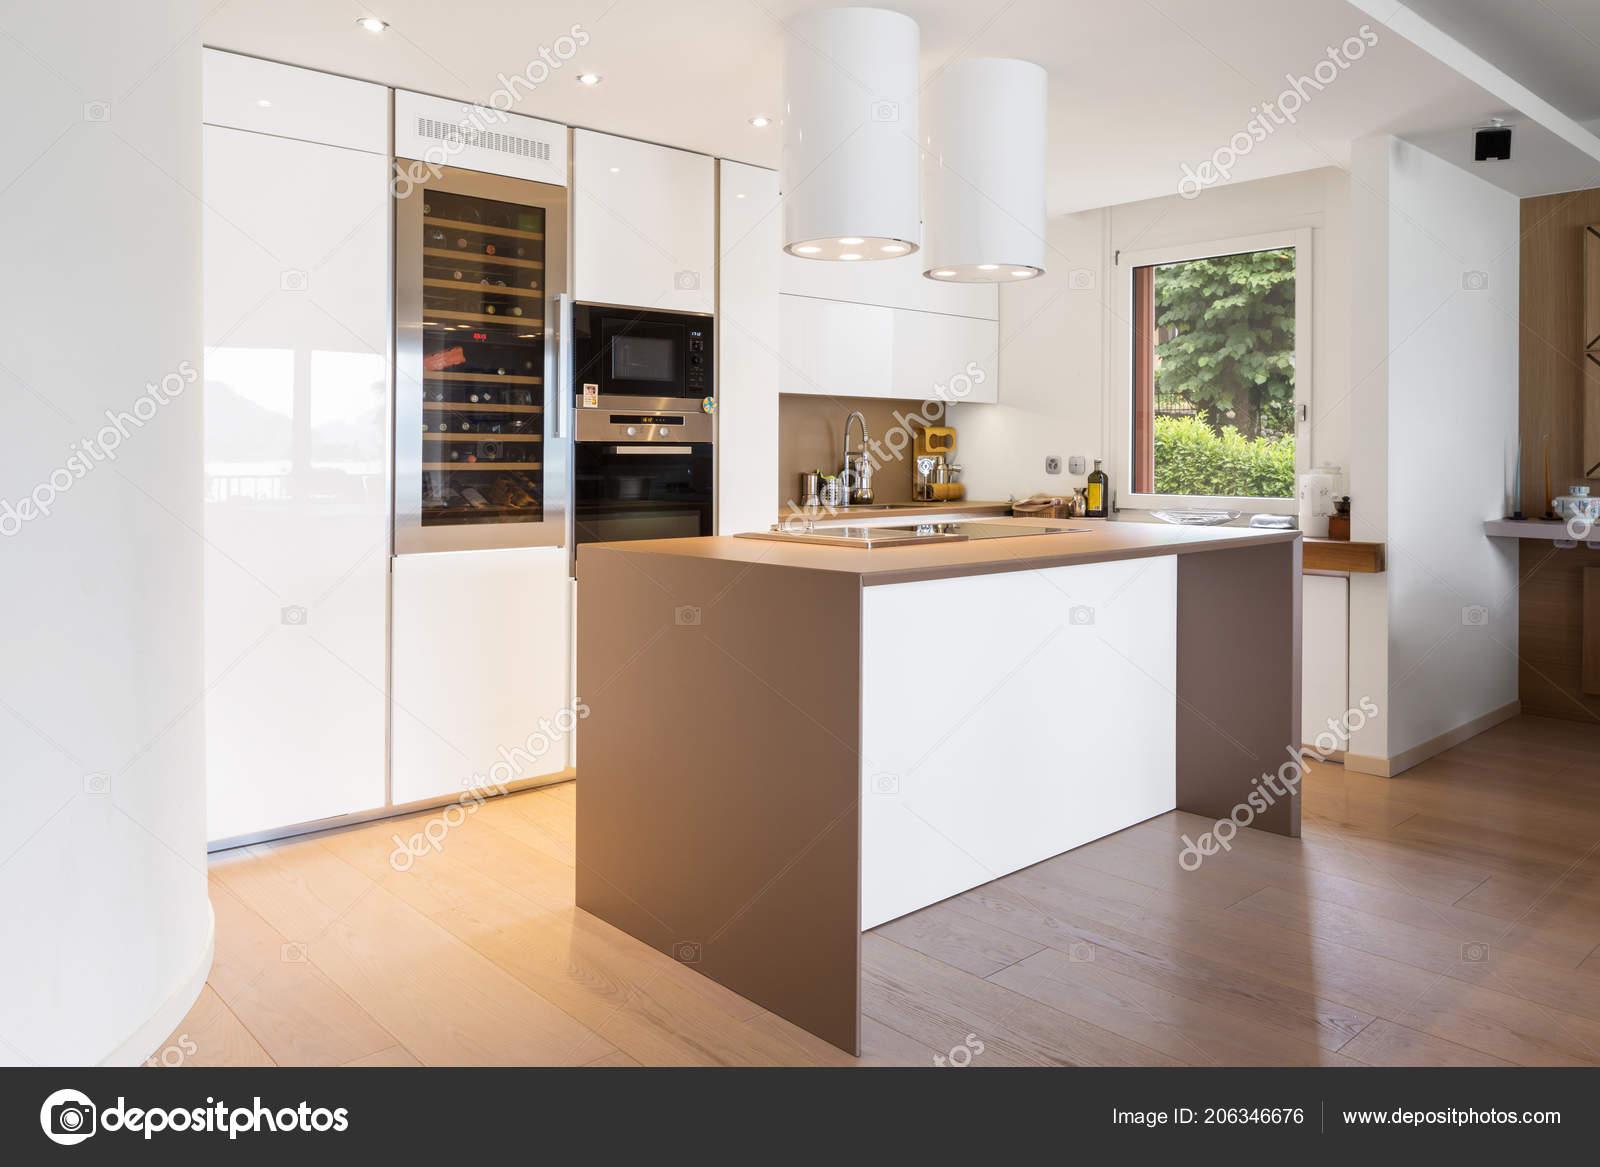 Cucina con isola bianca con cappuccio faretti appartamento moderno